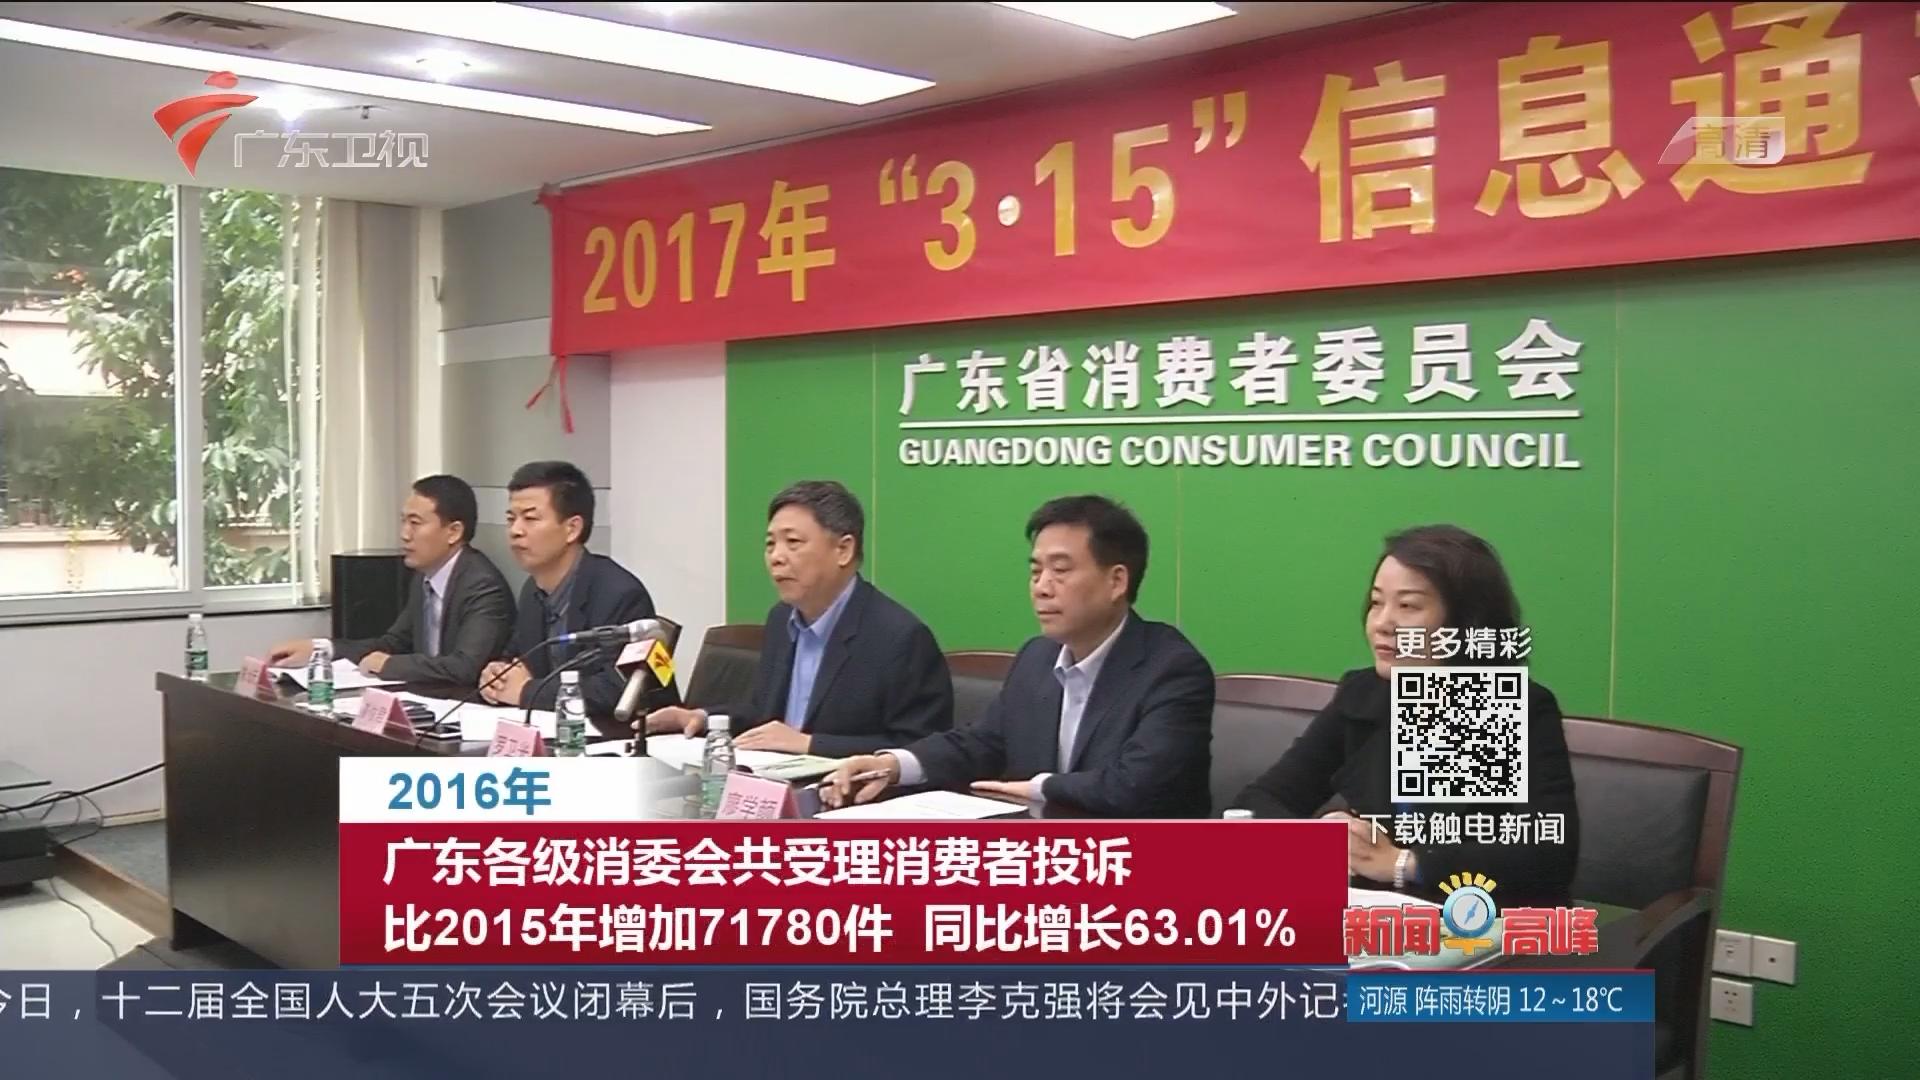 2016年广东各级消委会共受理消费者投诉比2015年增加71780件 同比增长63.01%